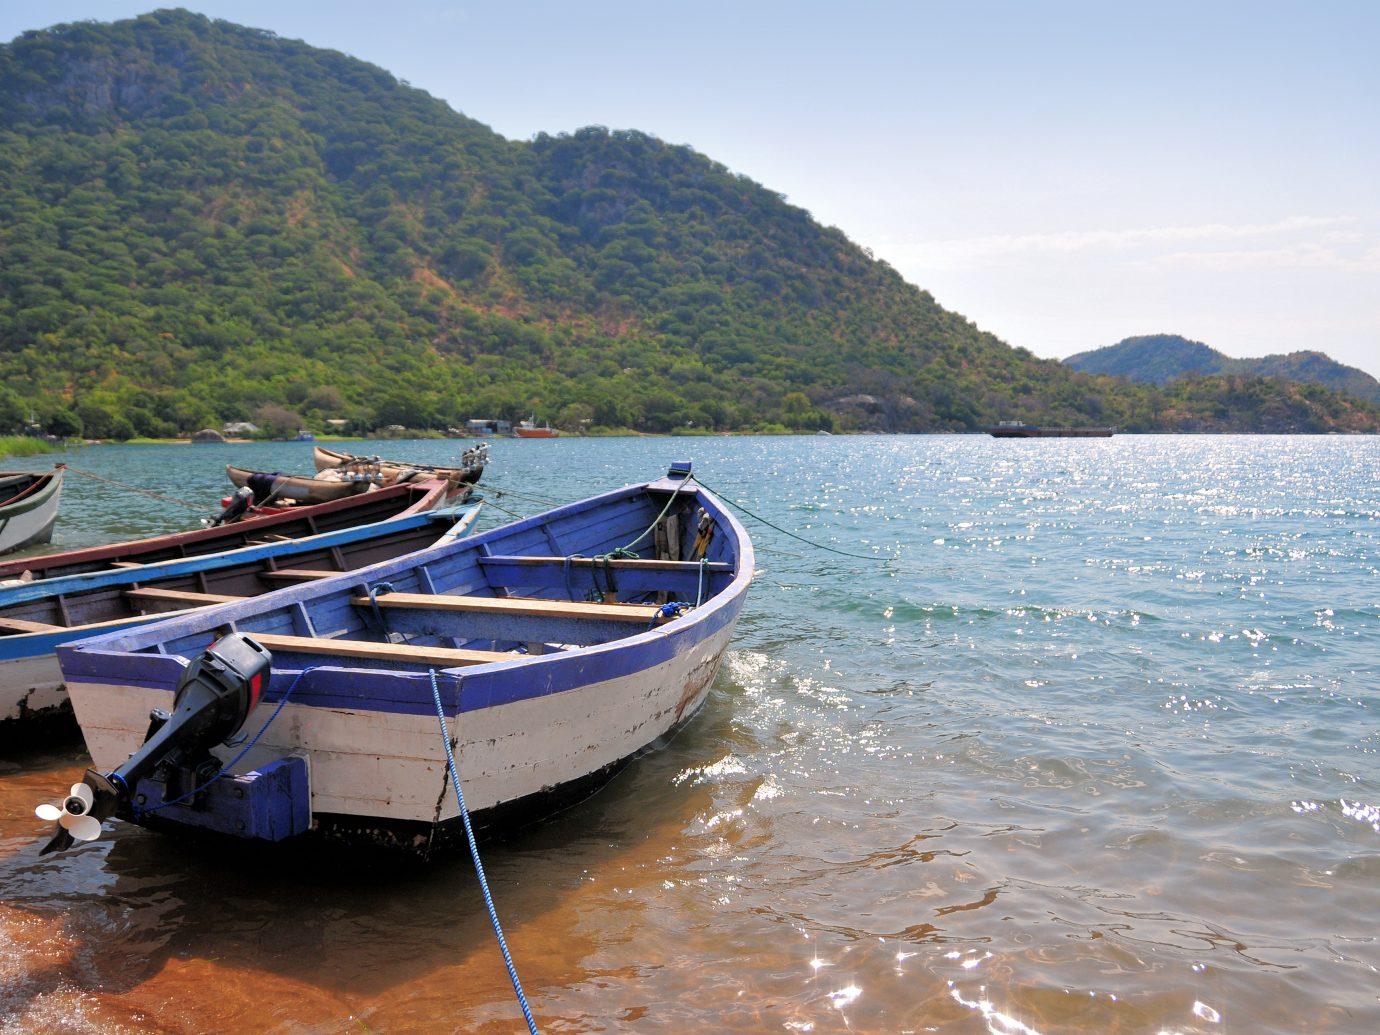 fishing boats - Lake Malawi, Nankumba Peninsula